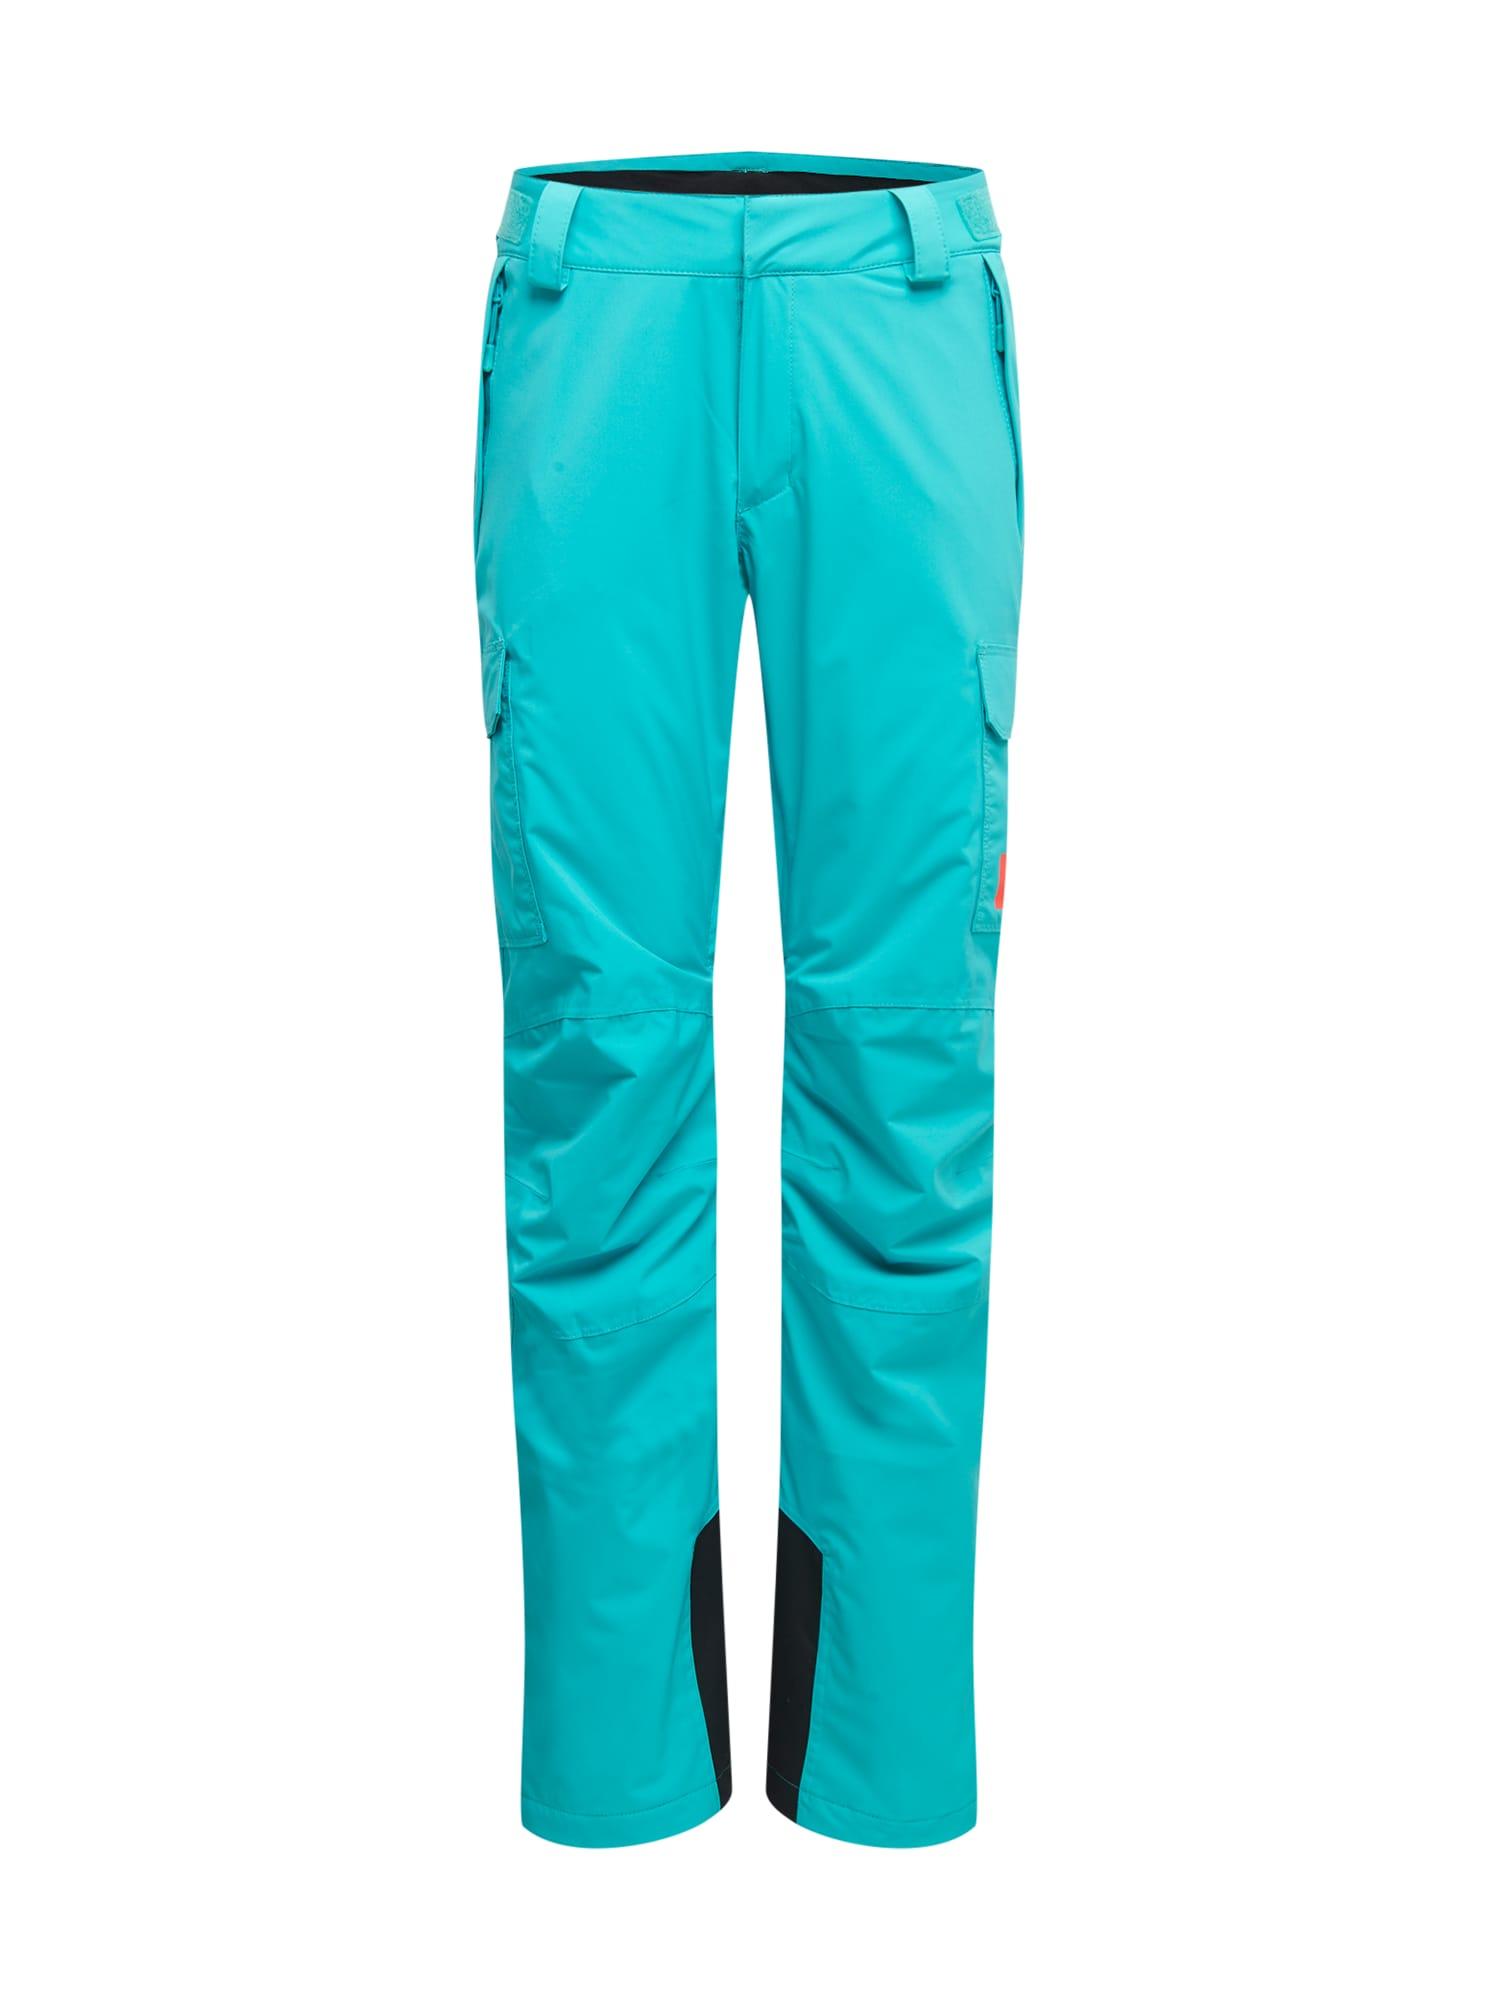 HELLY HANSEN Outdoorové kalhoty  tyrkysová